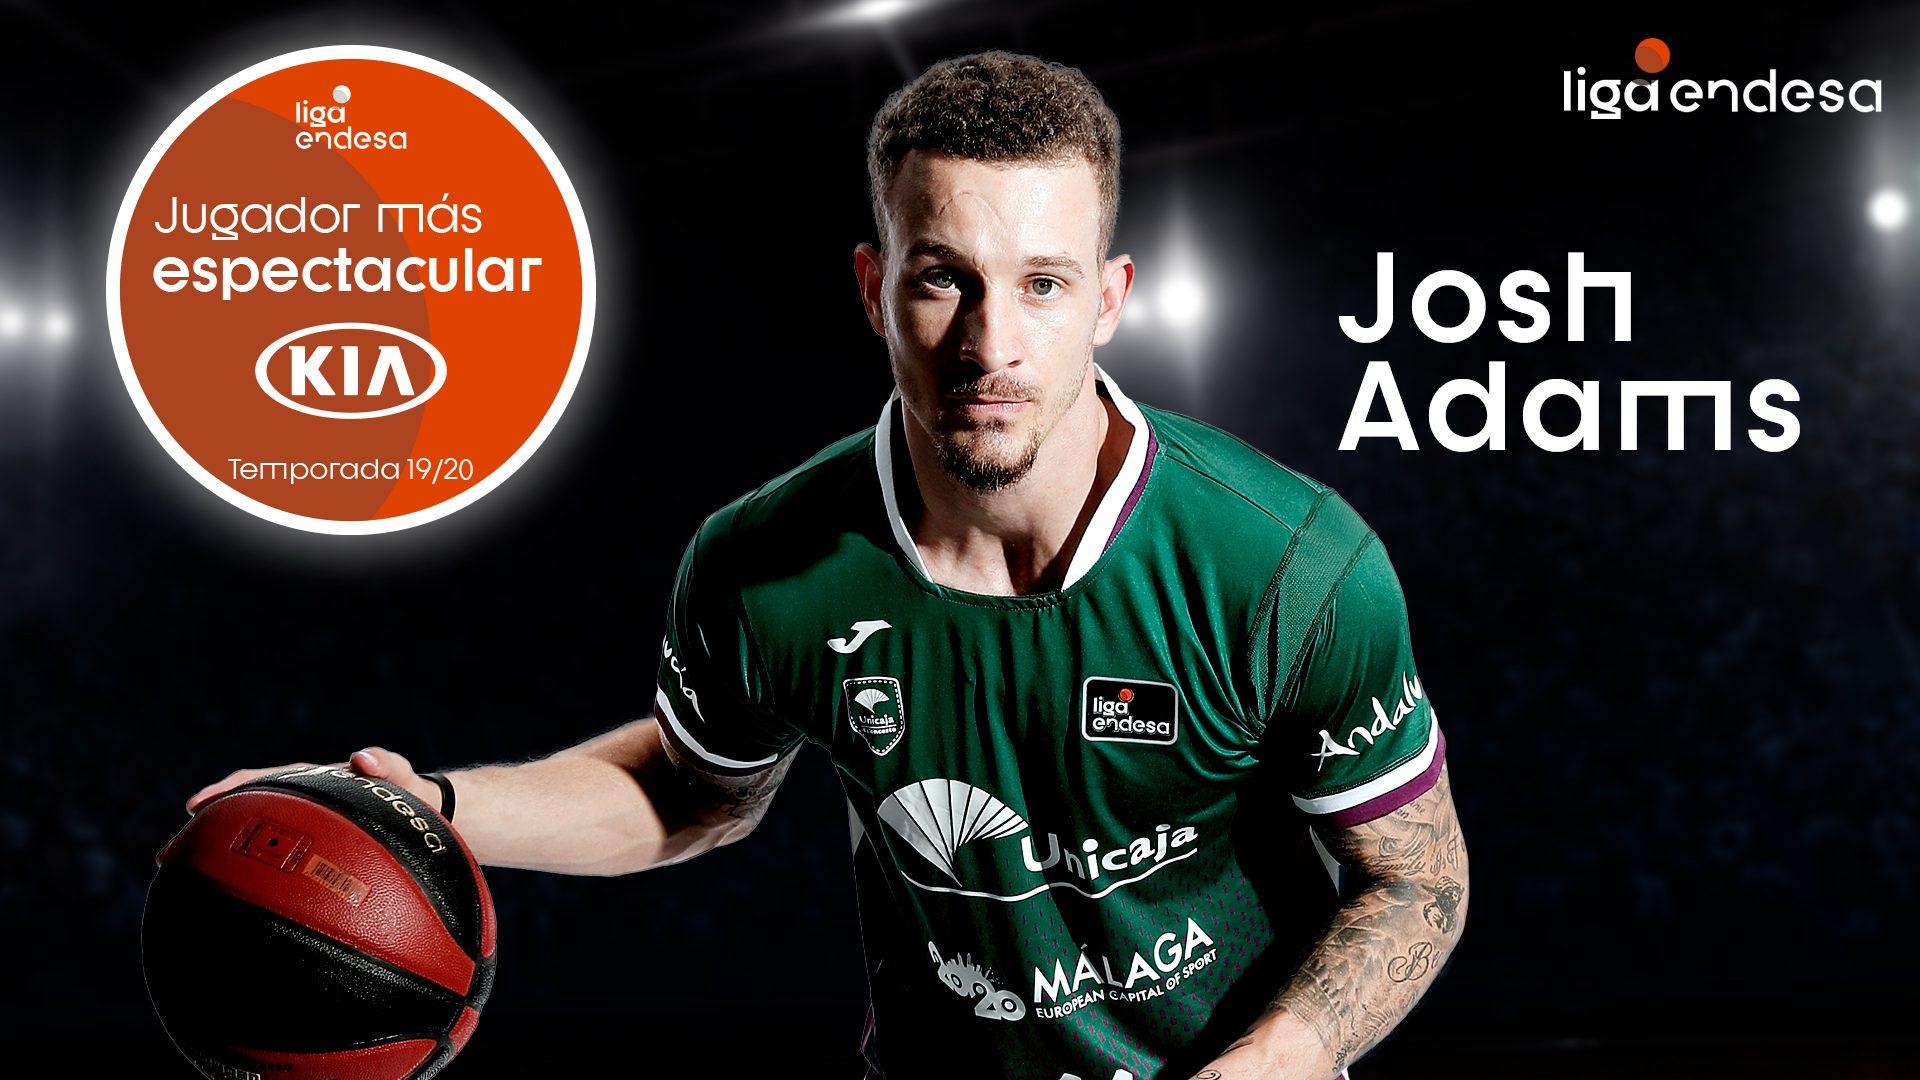 Josh Adams, elegido Jugador más espectacular KIA de la Liga Endesa